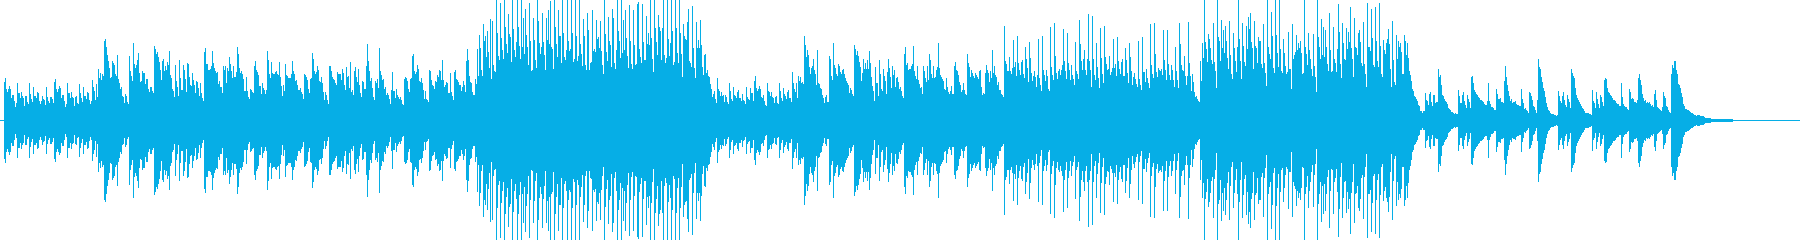 ノスタルジックで感動的なアコギ曲の再生済みの波形